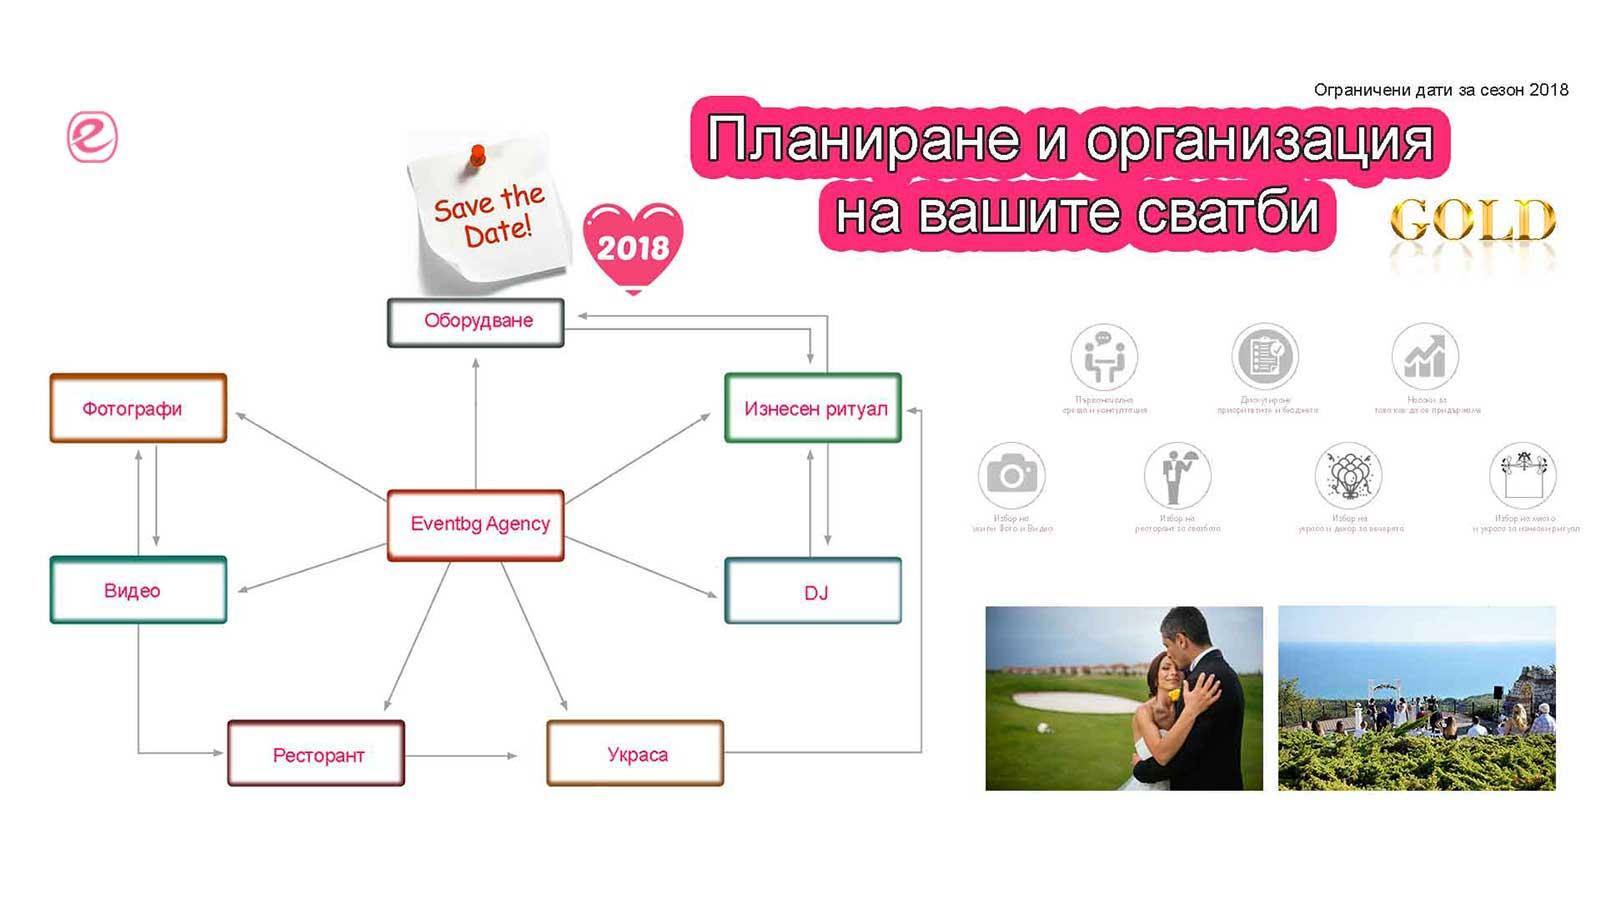 Сватбена Агенция - Eventbg Agency